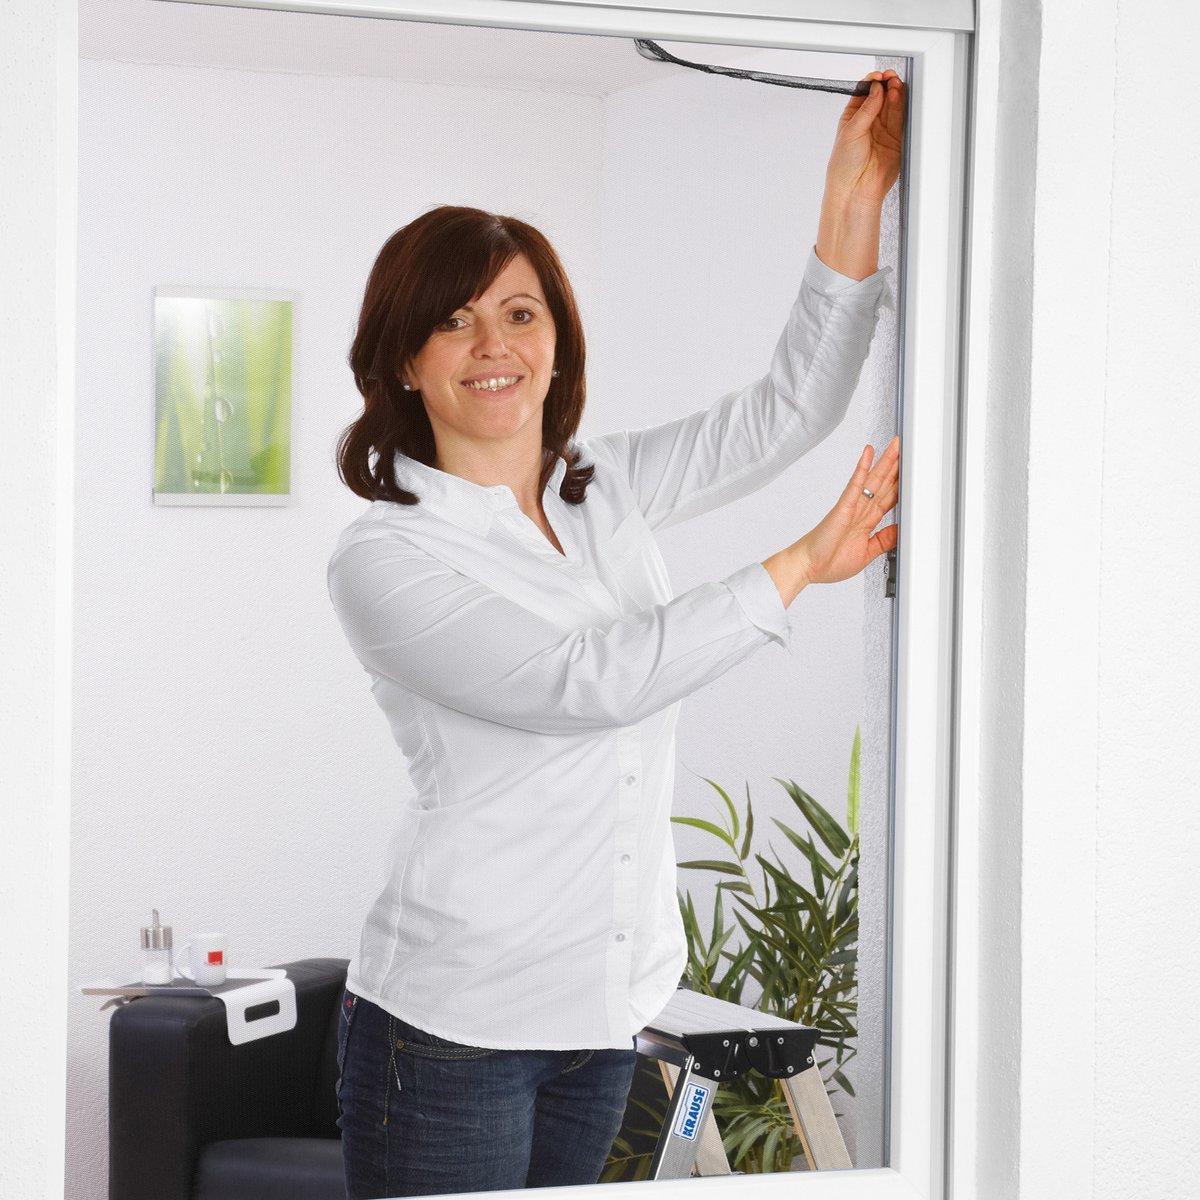 Culex Moustiquaire pour fenê tre Blanc 130 x 150 cm, en polyester, 100190101 de Cu 100190101de Cu 100190101-CU